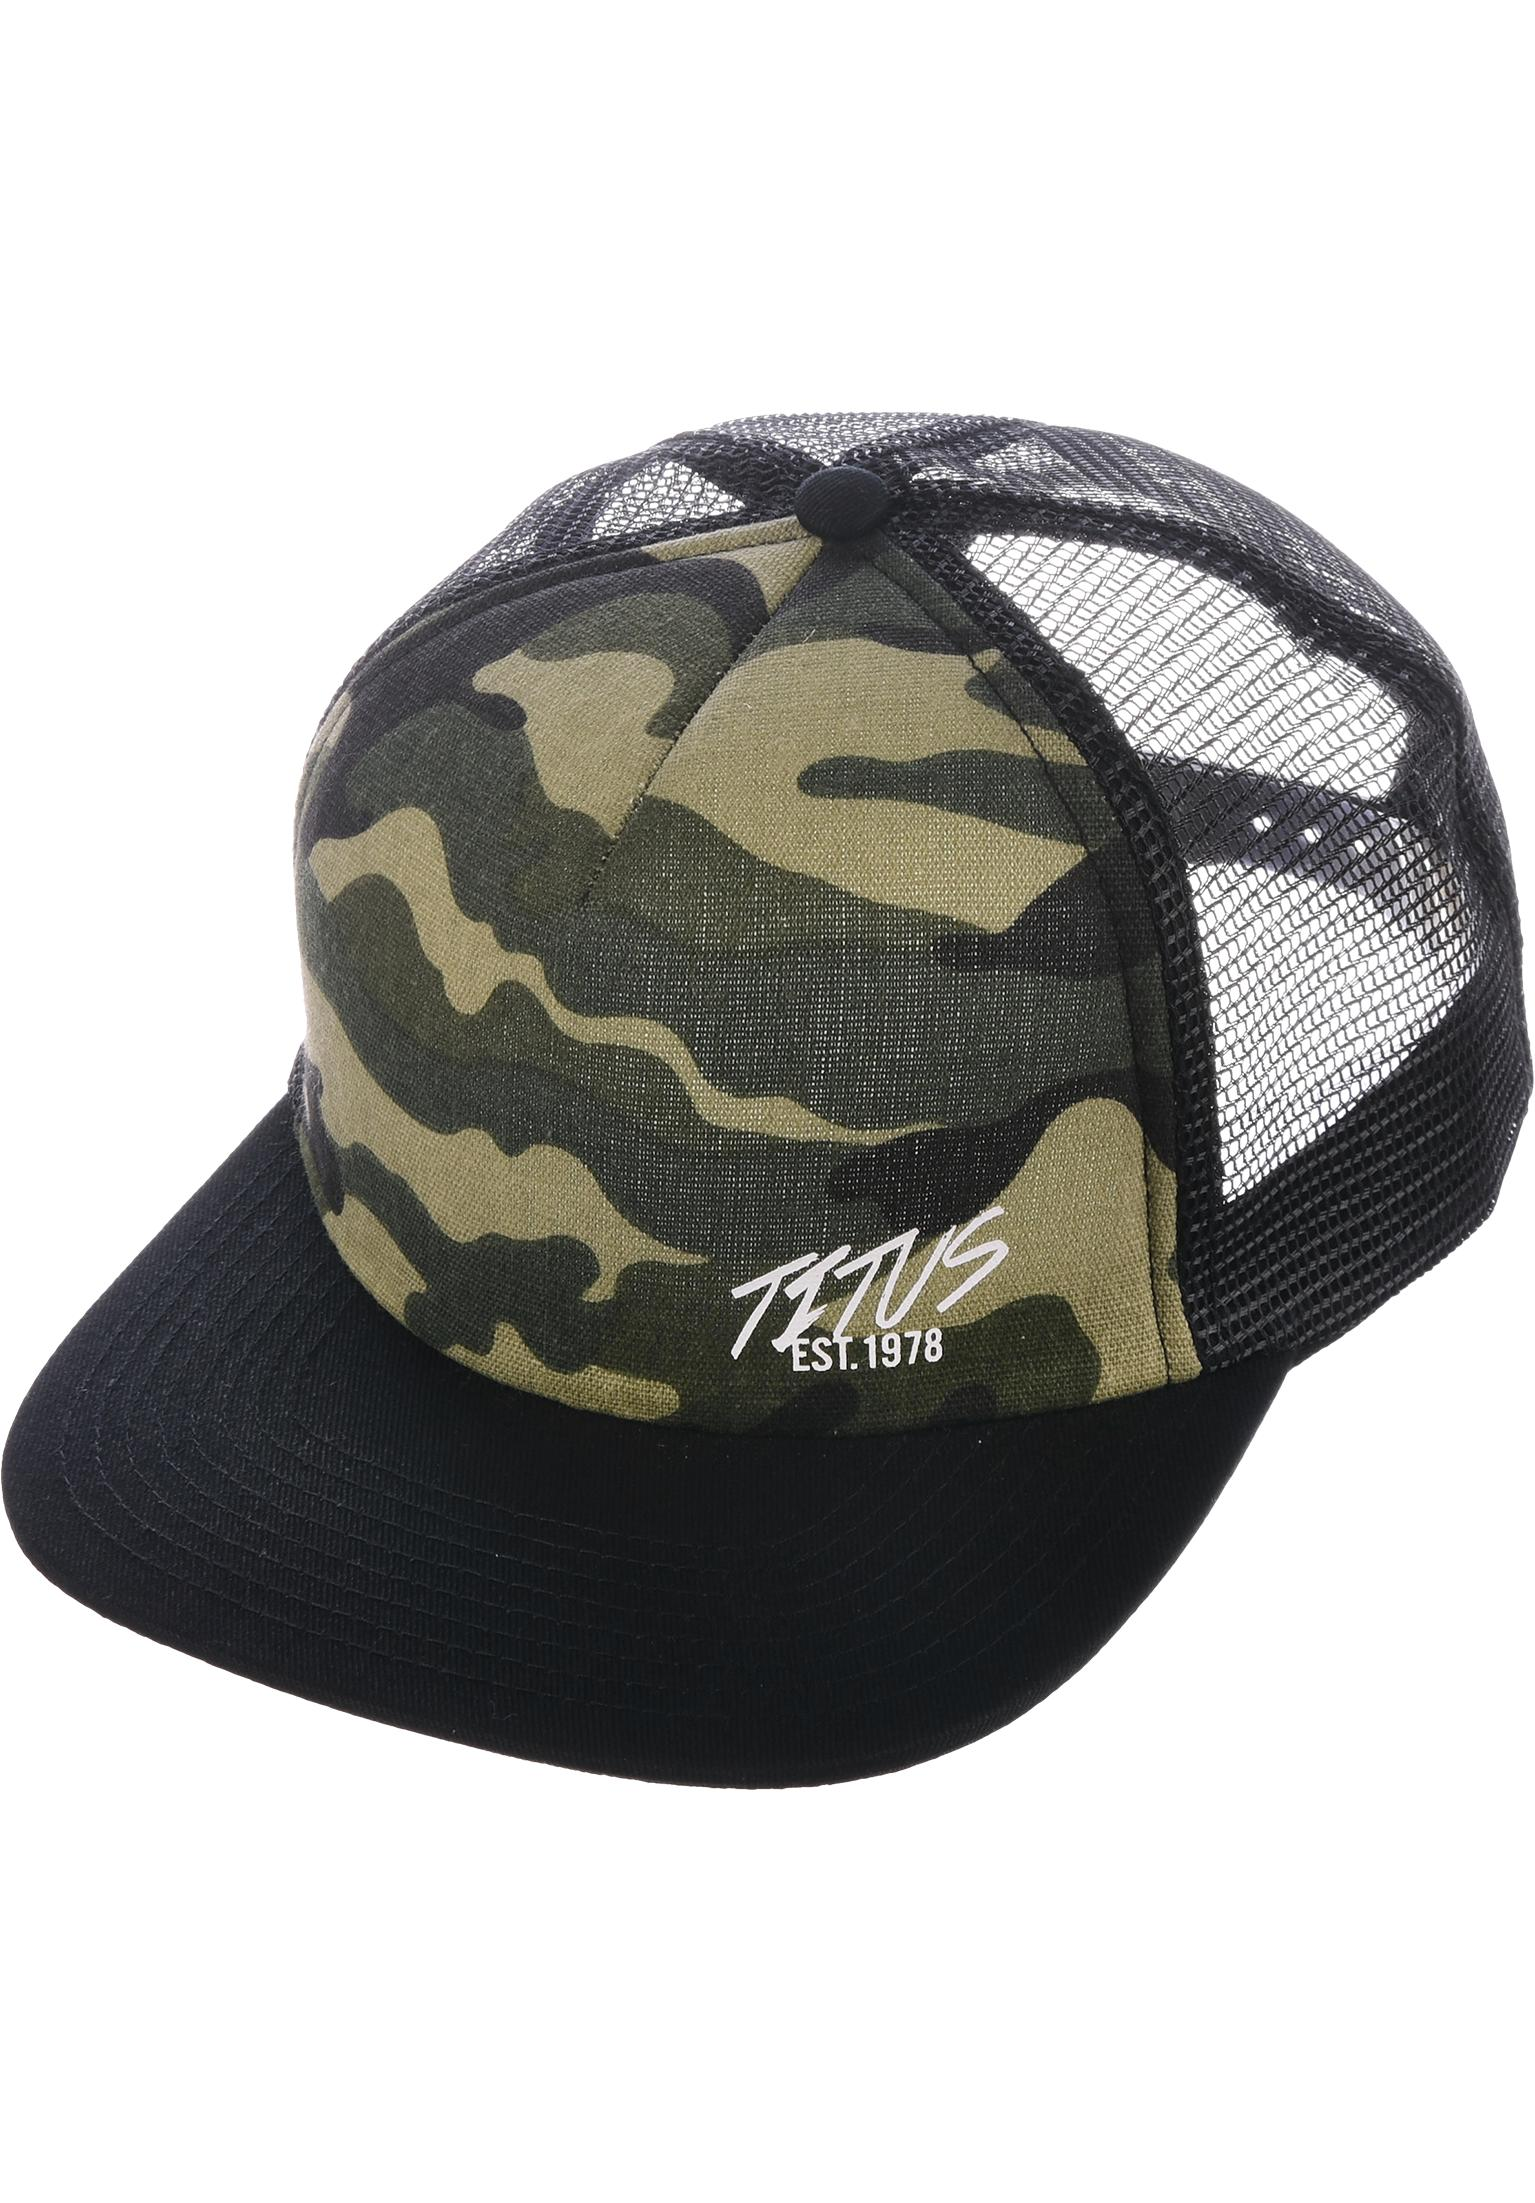 Flash mini mesh titus caps in black camouflage black herren titus jpg  1535x2203 Mini caps 64016c44496b